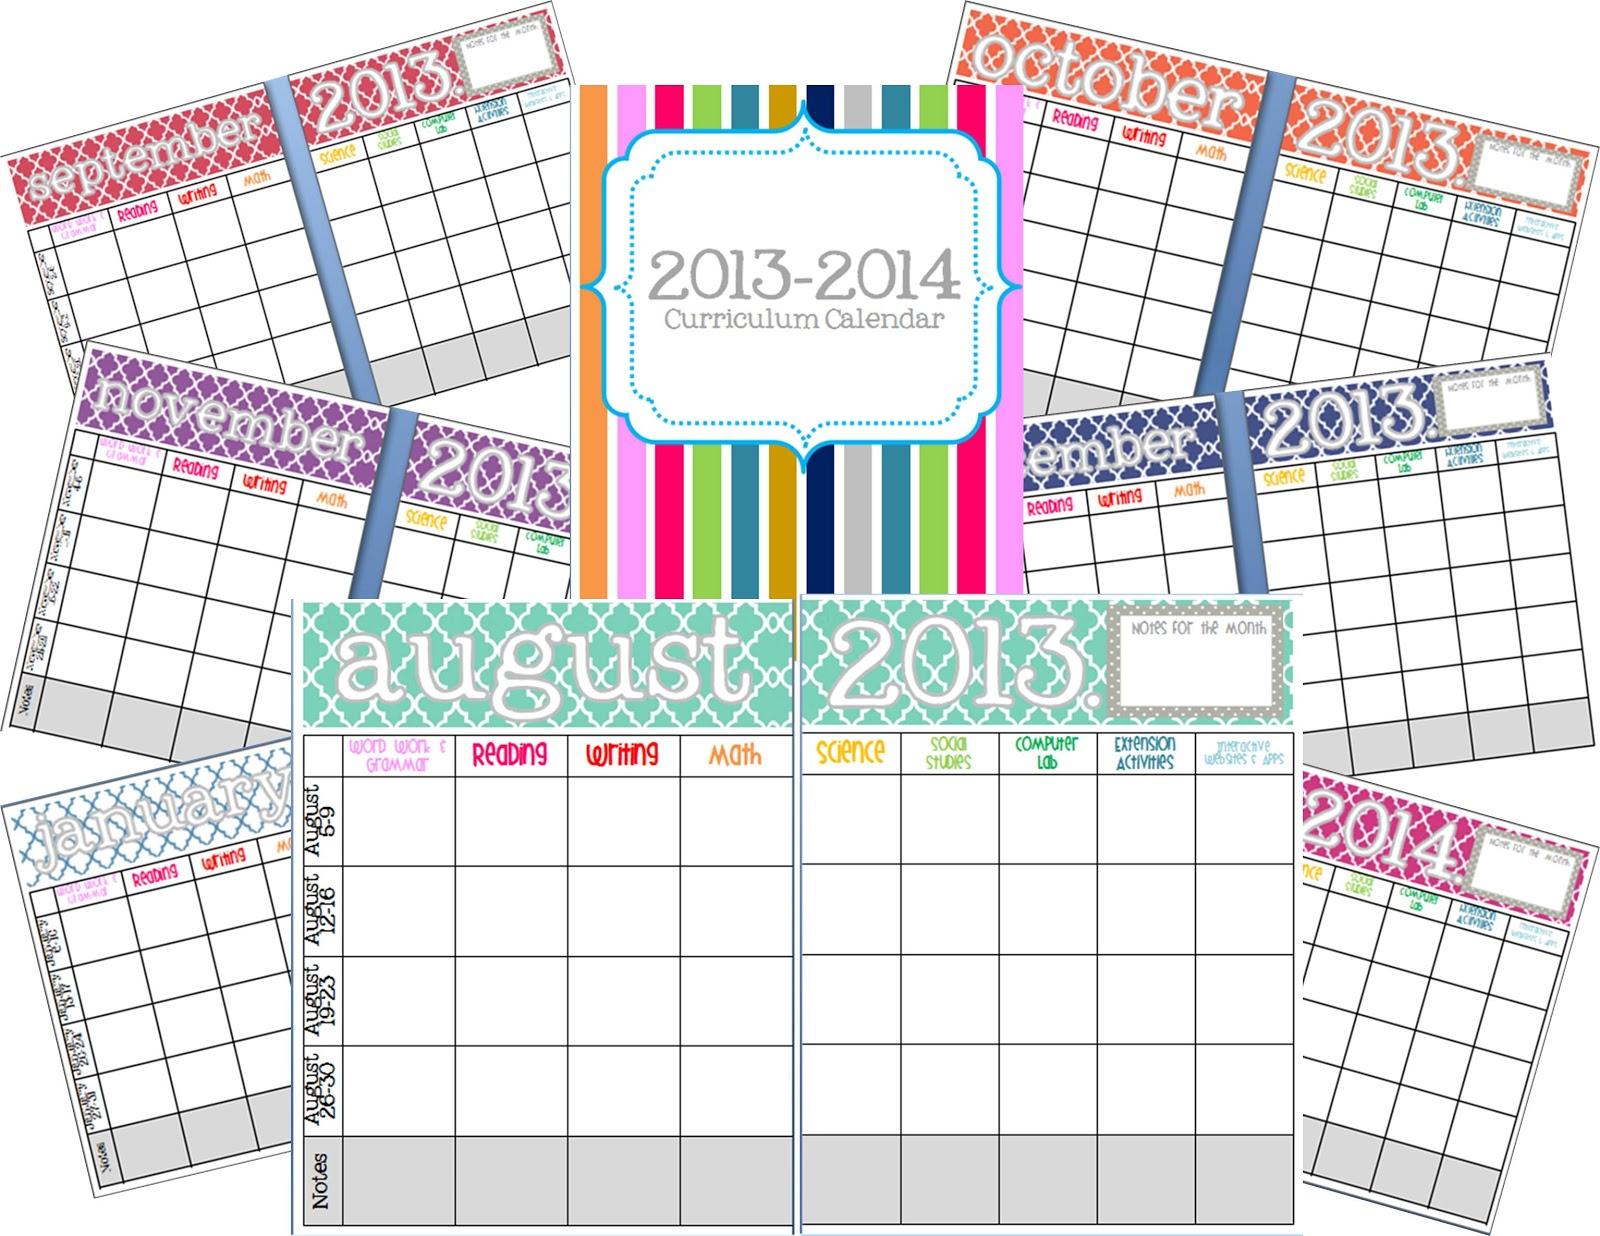 Elementary Organization Curriculum Planning Calendario